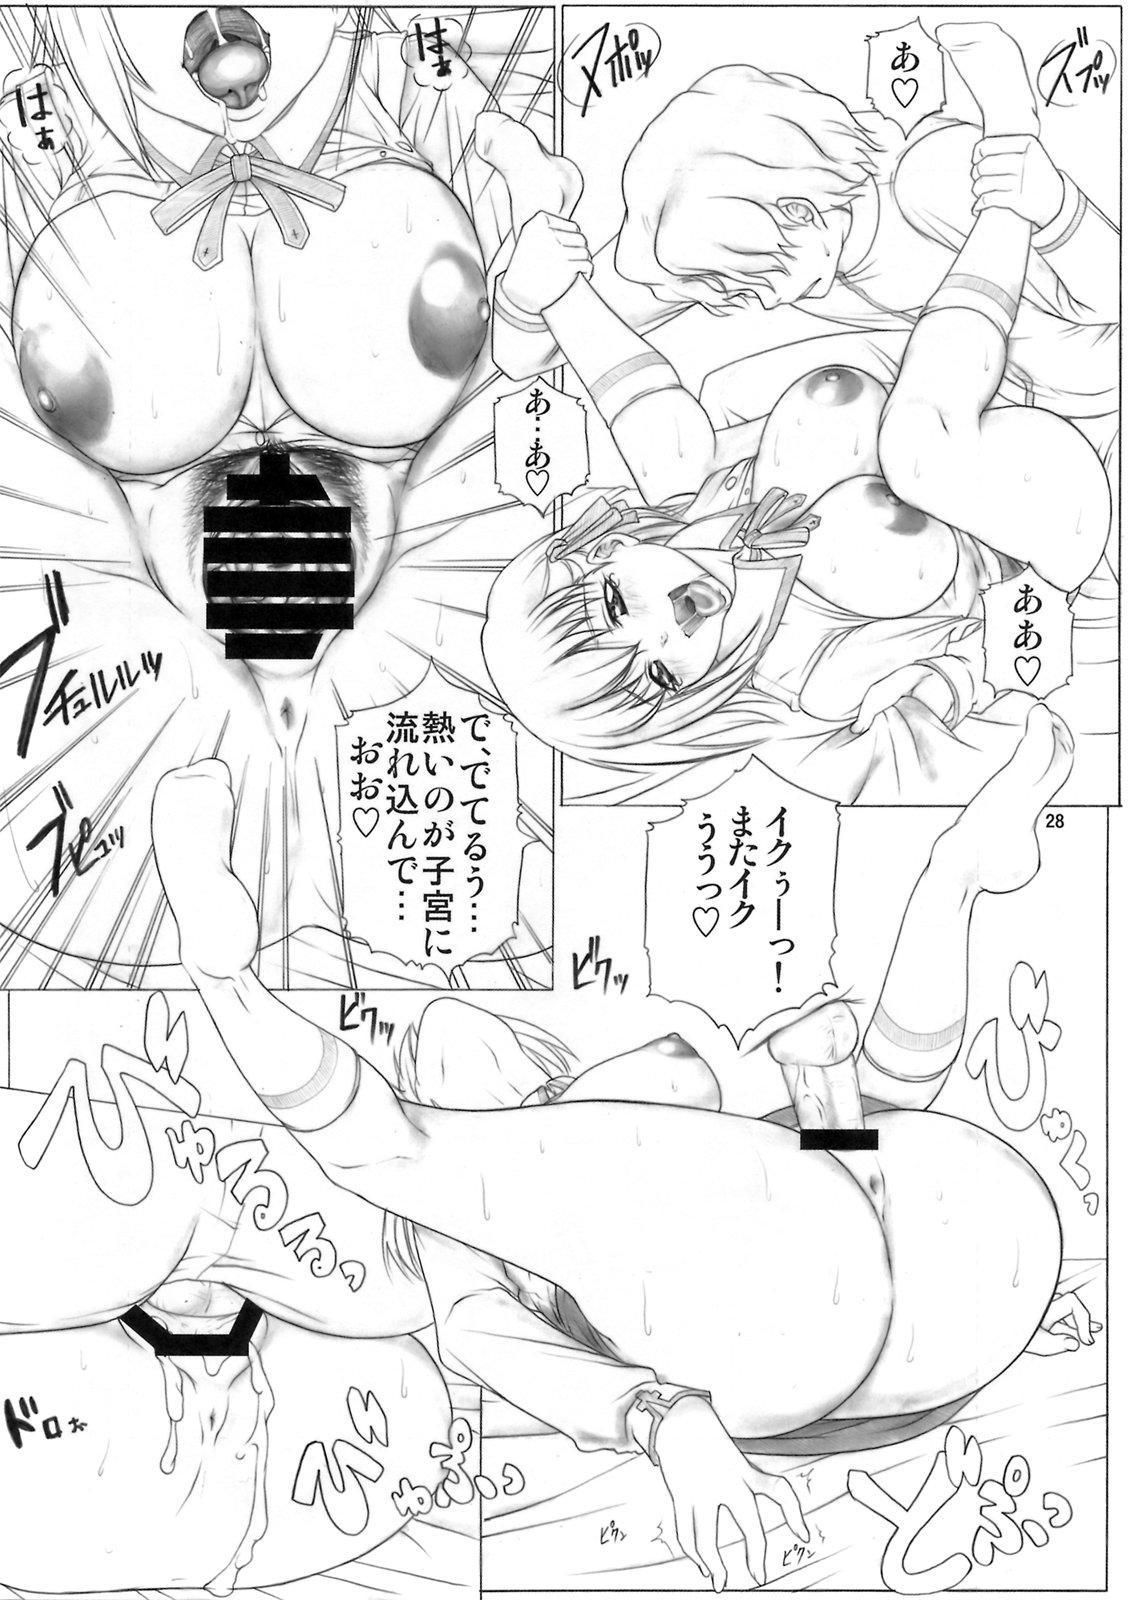 Angel's Stroke 14 Kuroki Sakura no Mai Chiru Yoru ni 28